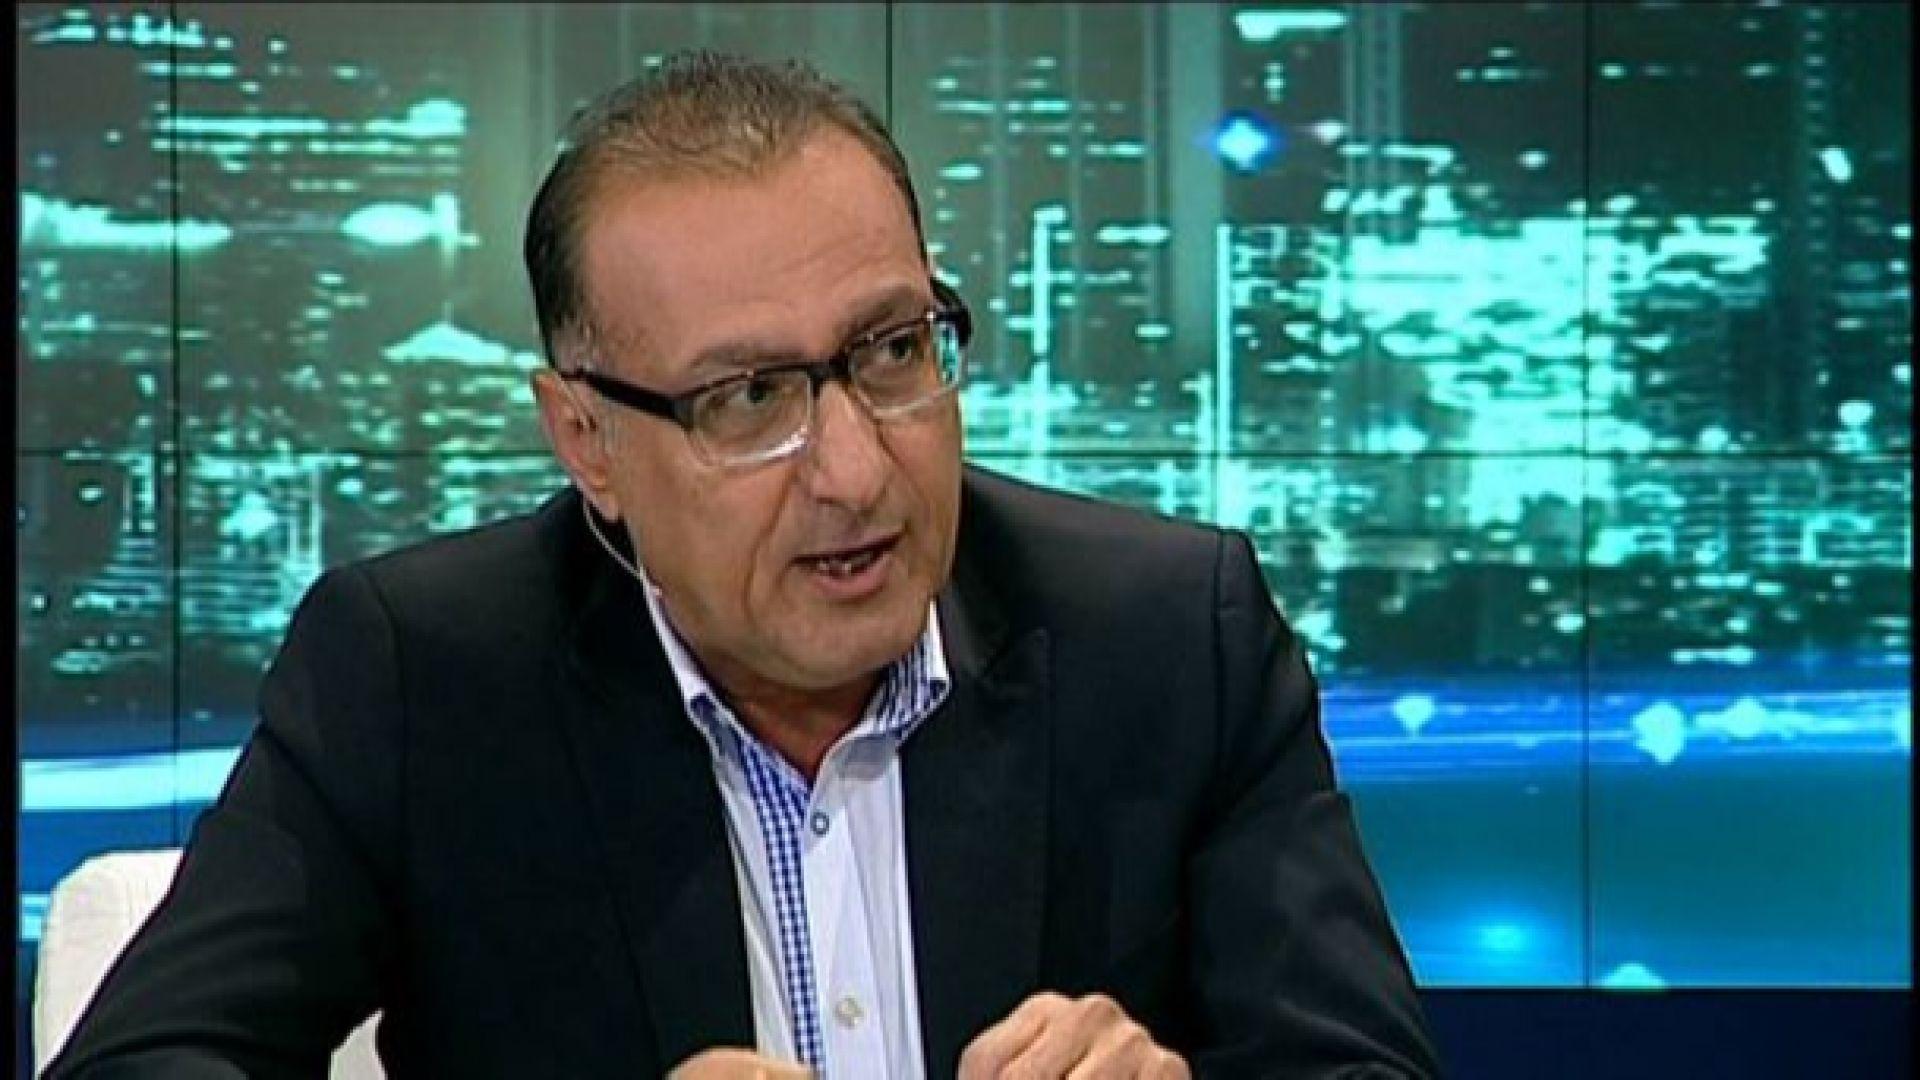 Журналистът Мохамед Халаф: Решението на Катар да излезе от ОПЕК е политическо